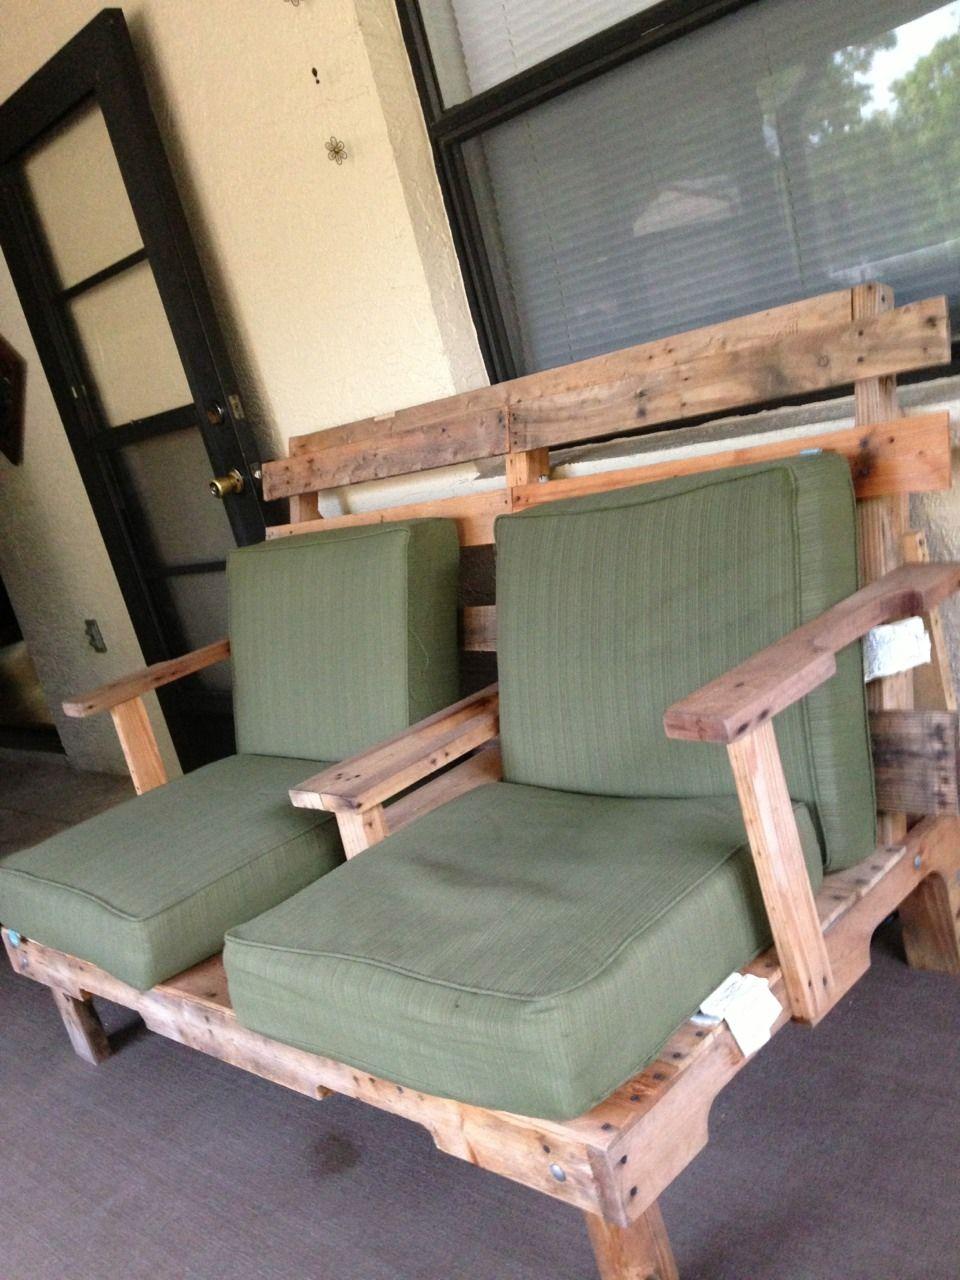 pallet furniture diy m bel aus paletten palettenm bel und sitzgelegenheiten. Black Bedroom Furniture Sets. Home Design Ideas